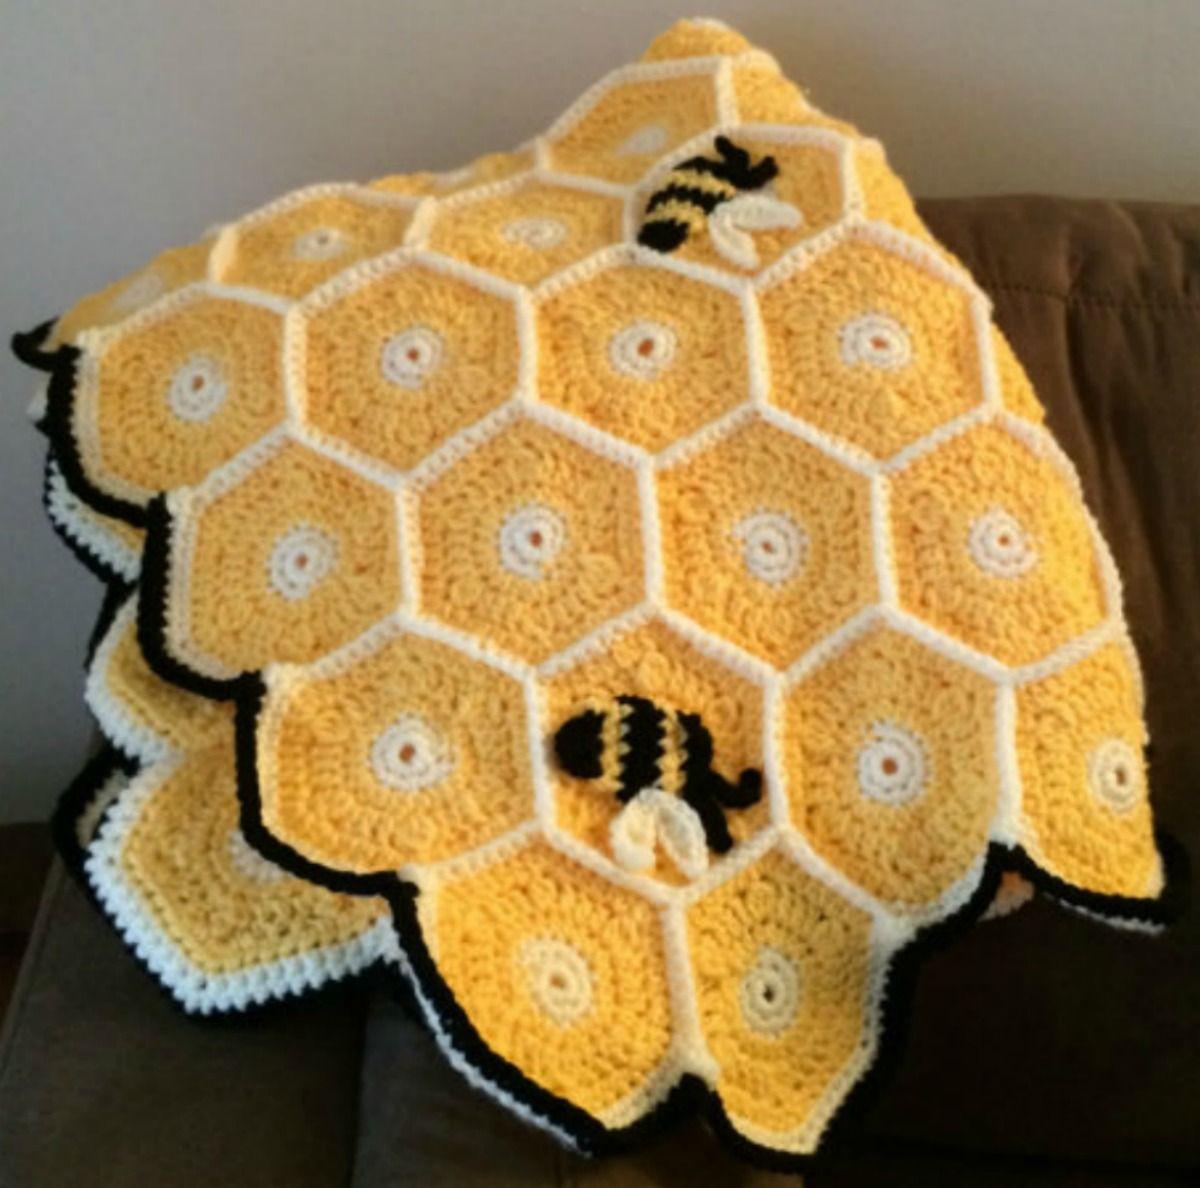 Pin von Jenni Sanzotera auf Buzzworthy | Pinterest | Bienen, Häkeln ...